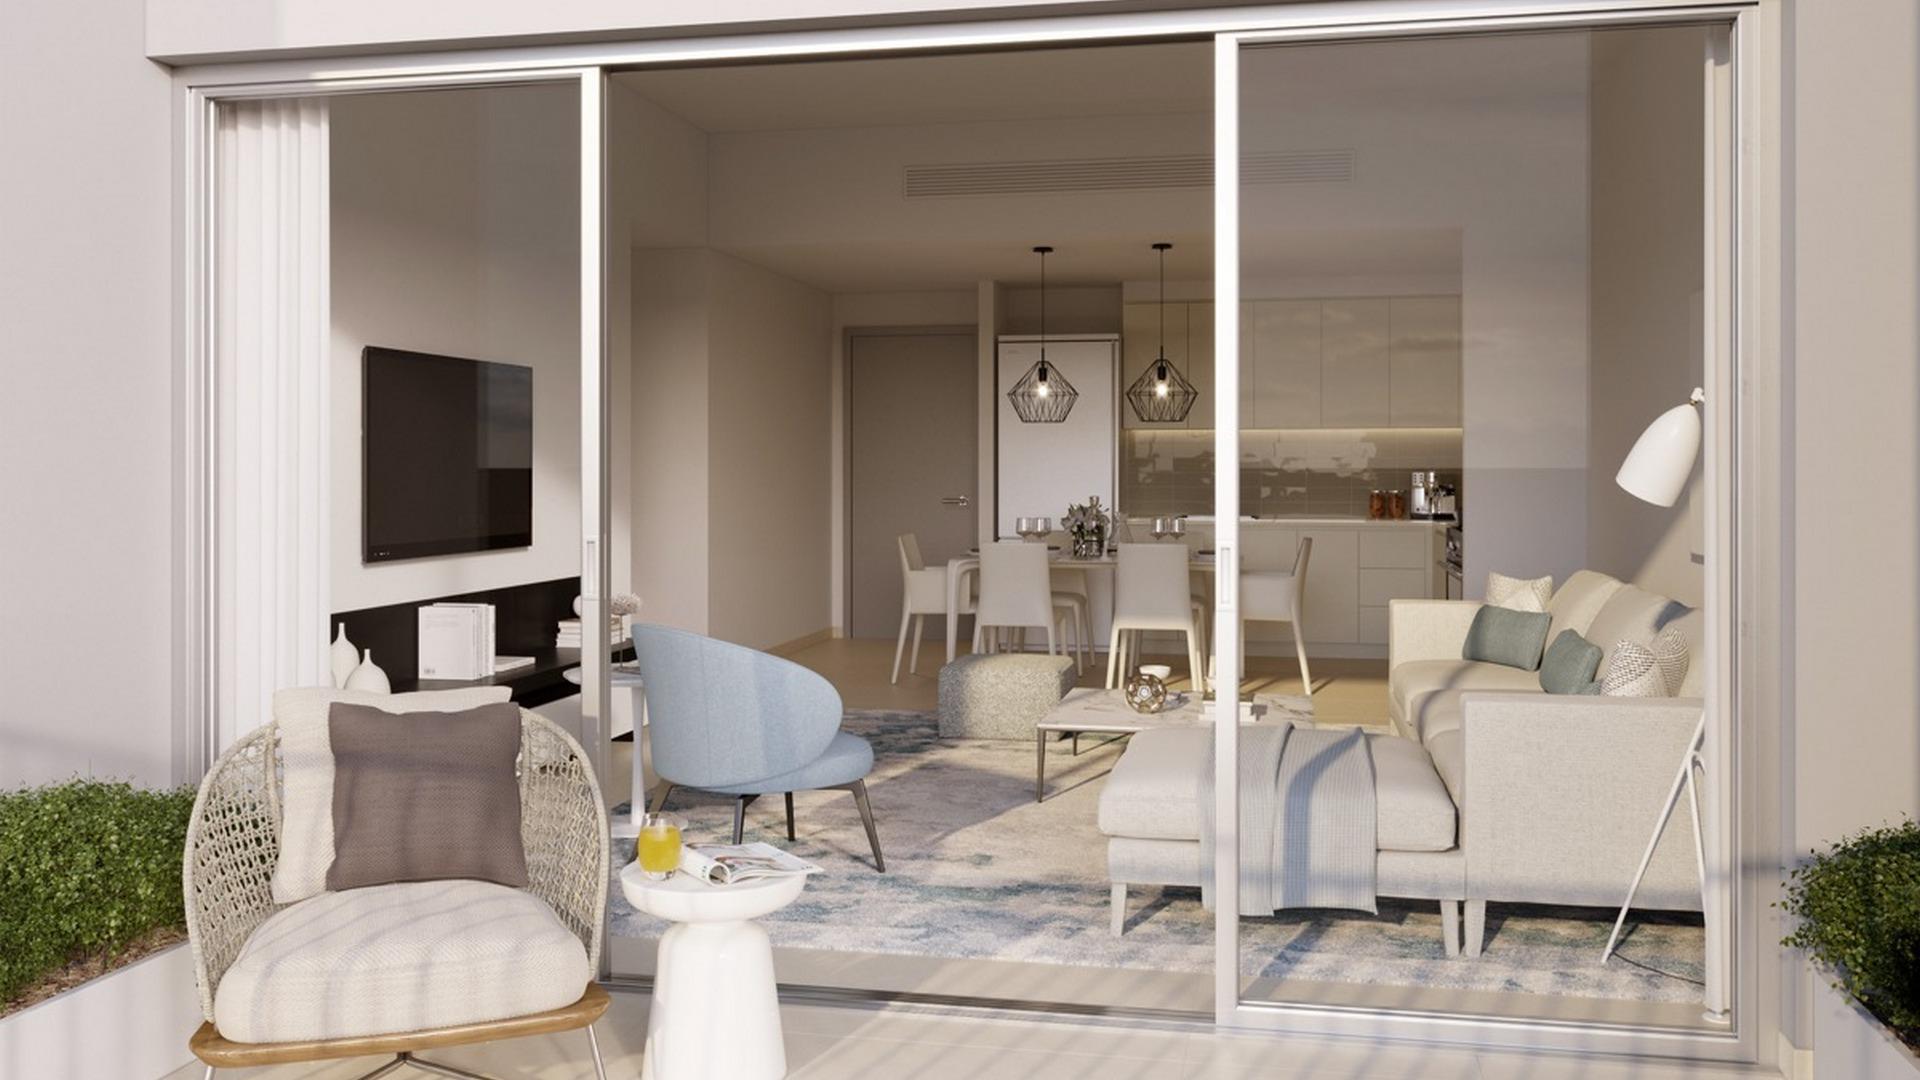 Apartamento en venta en Dubai, EAU, 3 dormitorios, 186 m2, № 24642 – foto 1